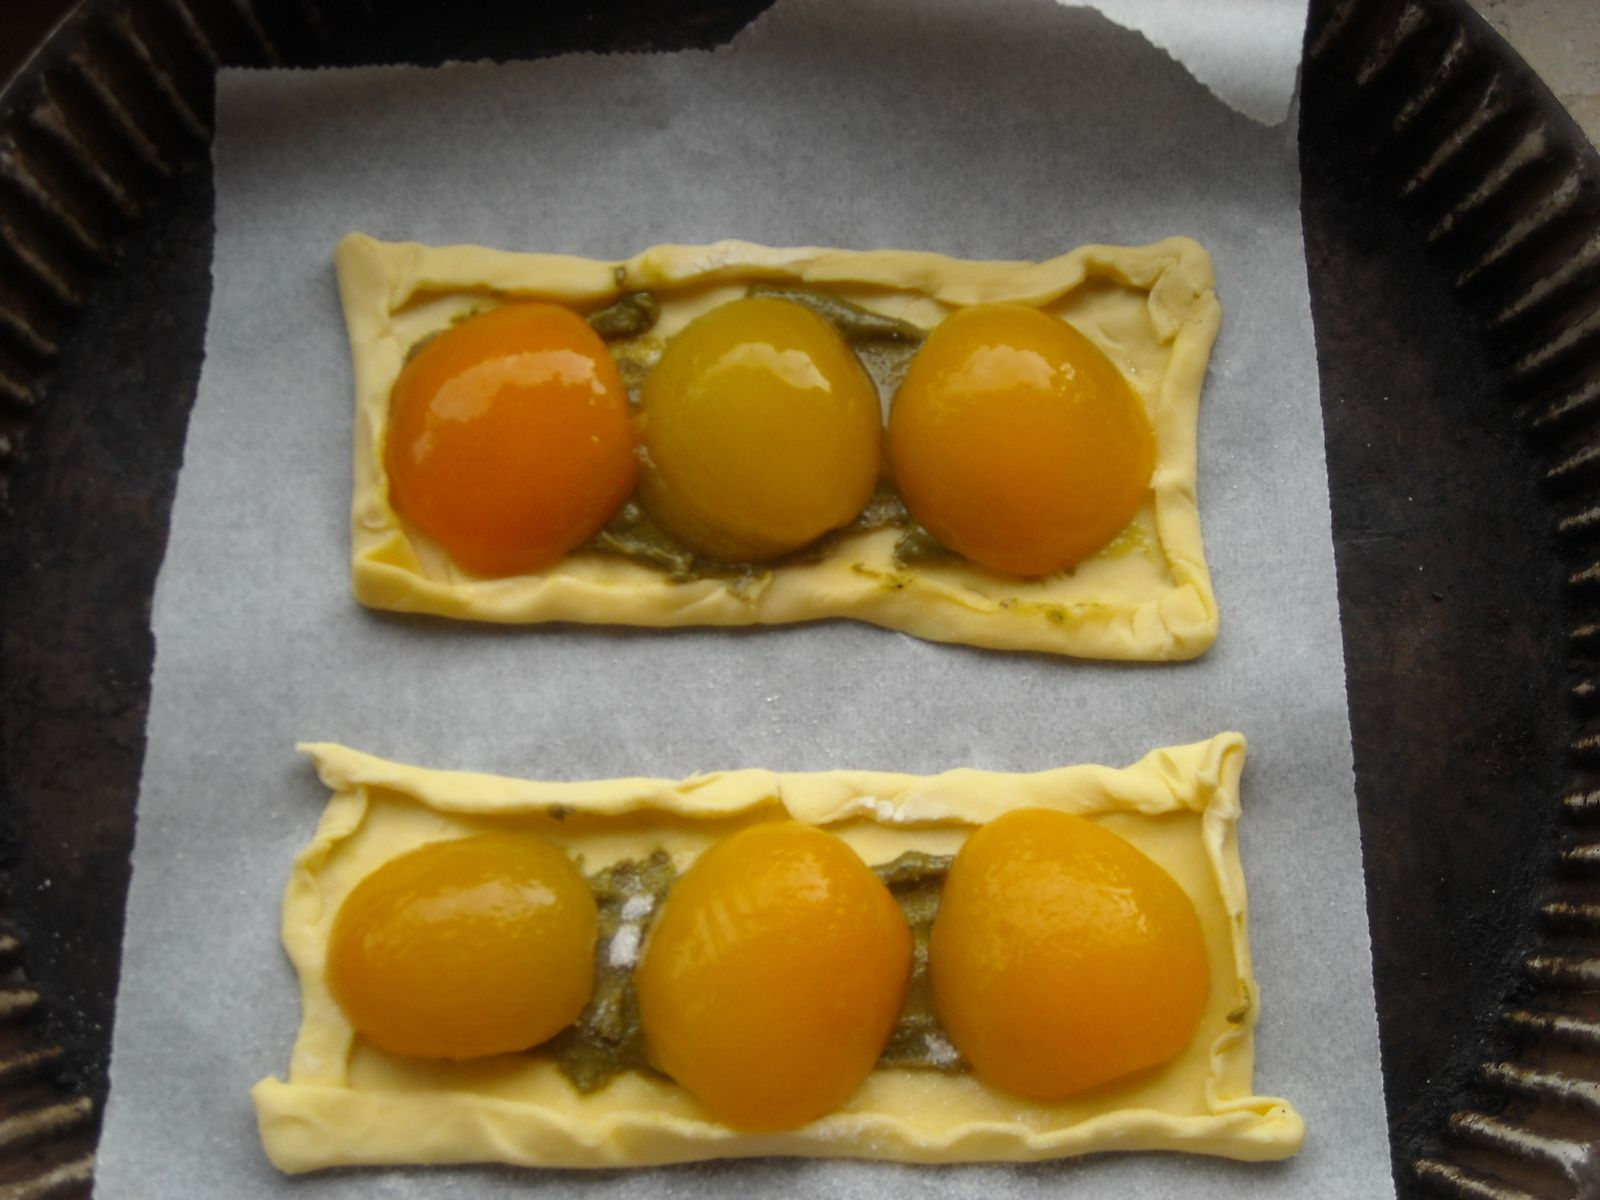 si vos fruits sont plus gros, n'hésitez pas à les trancher et à les étaler